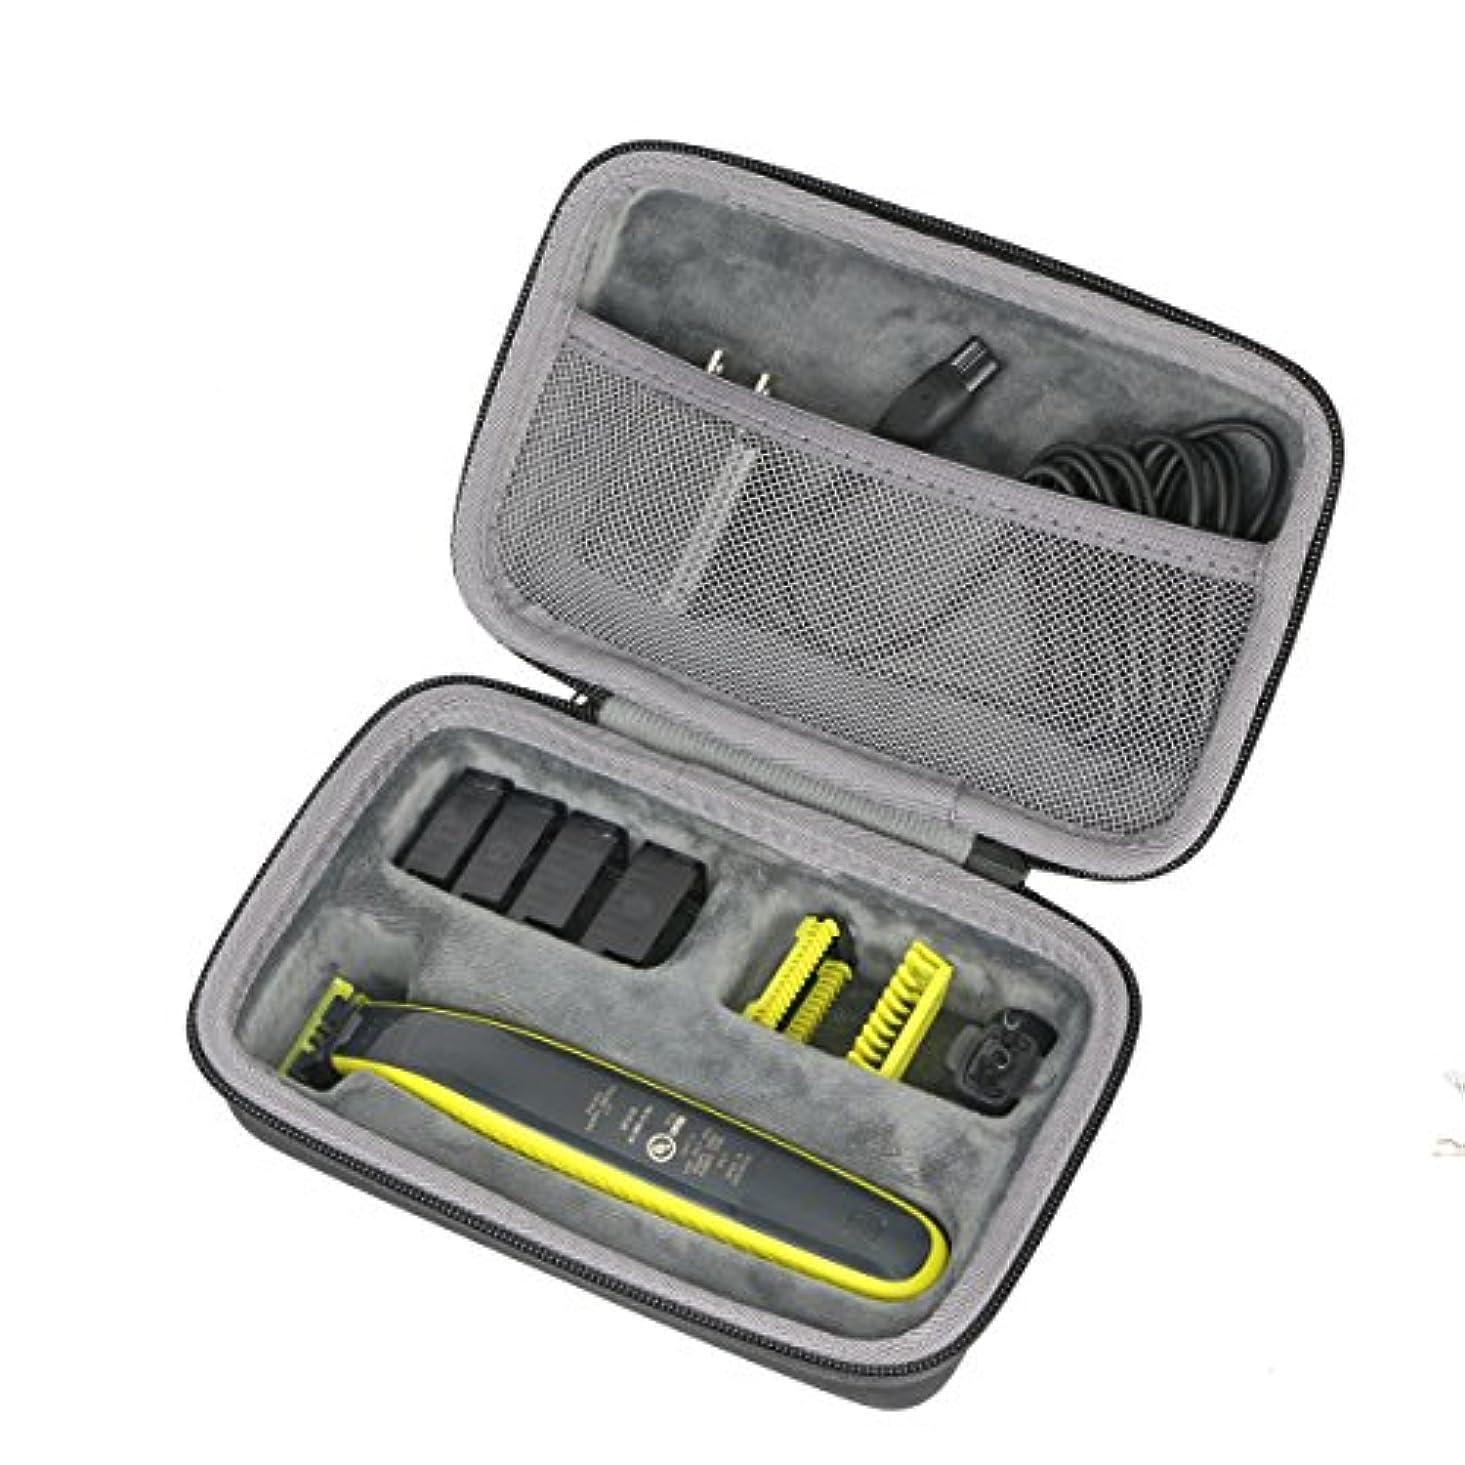 ワーディアンケースお肉レコーダーPhilips Norelco OneBlade Hybrid Rechargeable Trimmer QP2630/70ノ専用旅行収納 デザインノco2CREA バッグ